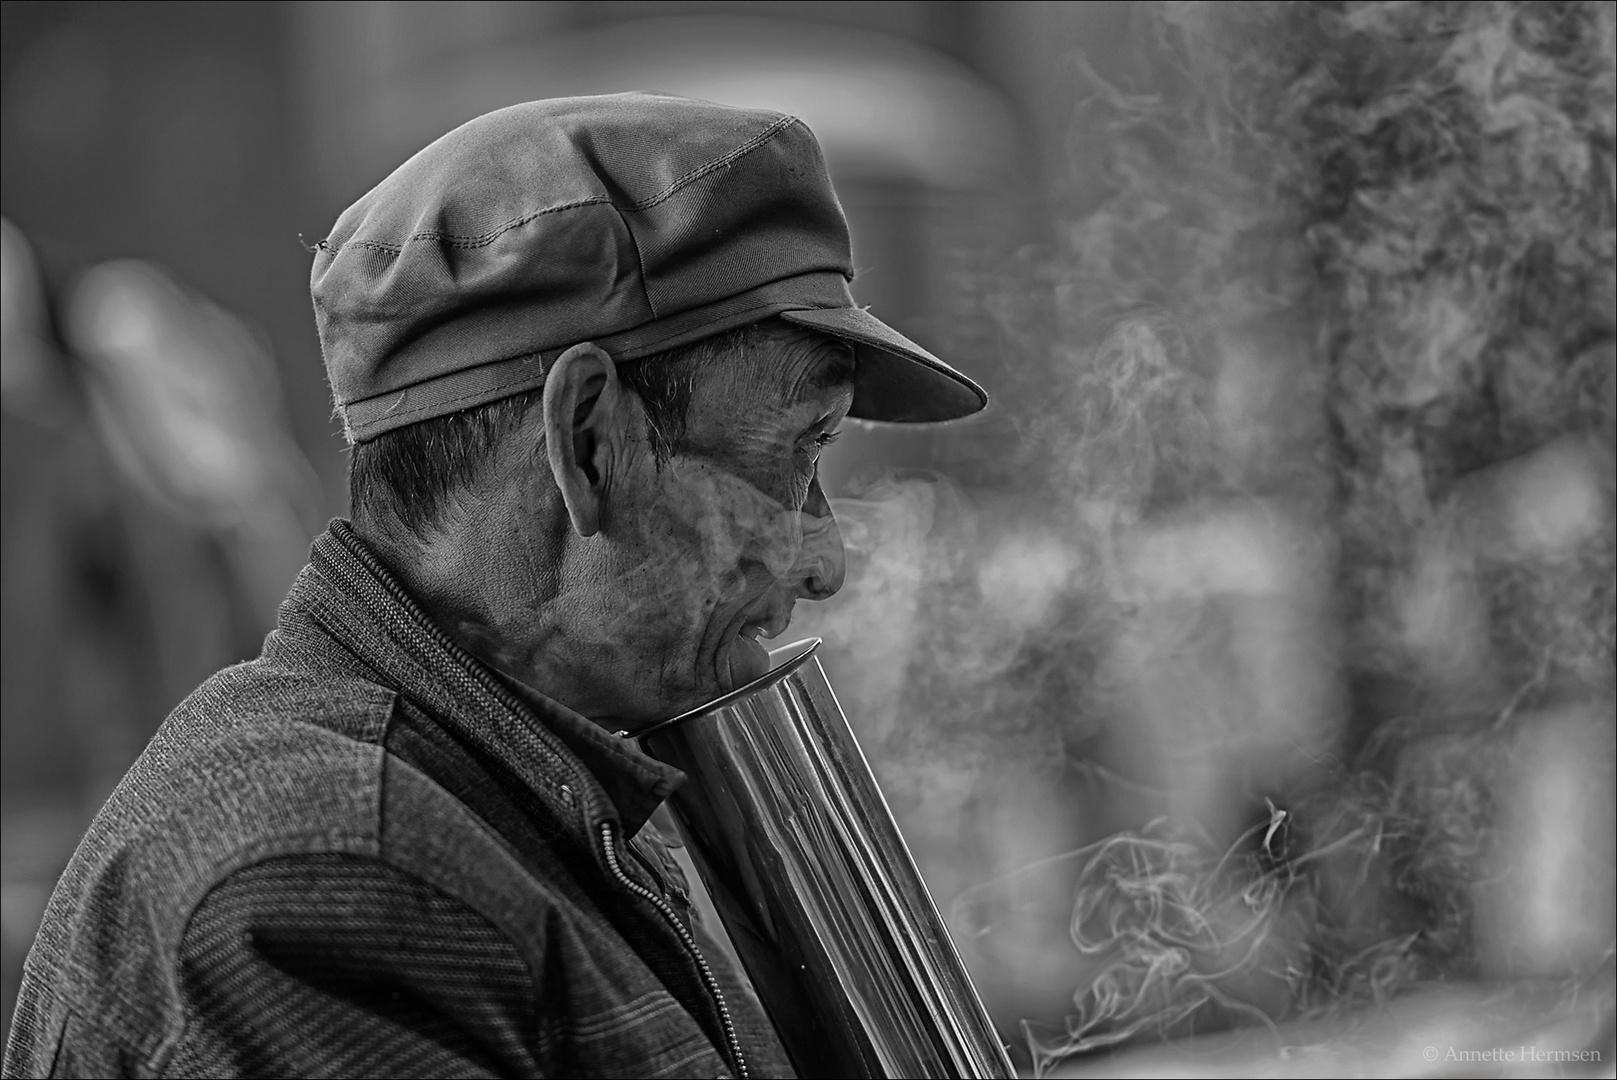 Menschen in China [14] - Der Raucher